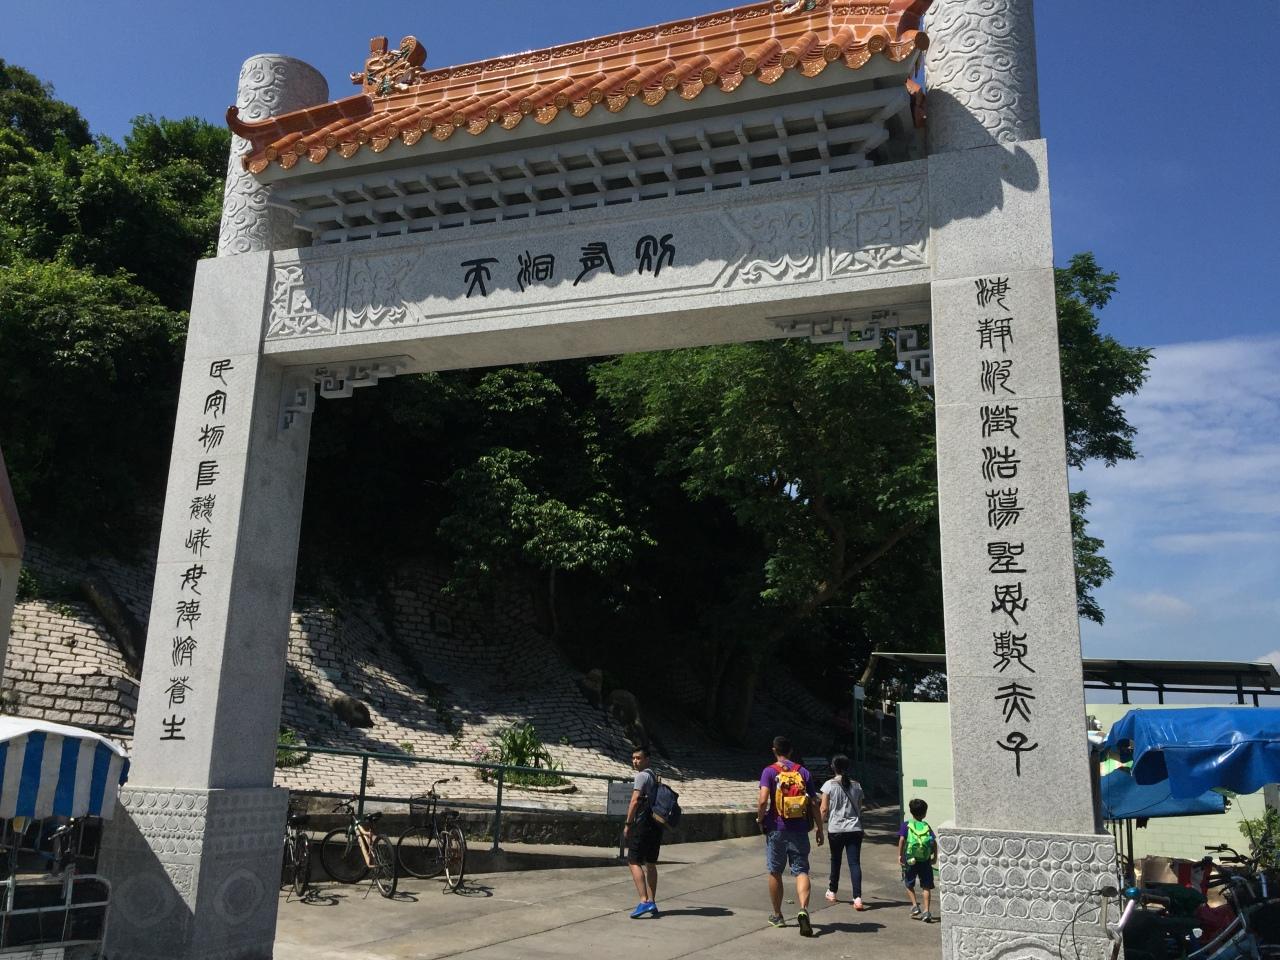 香港 #AlreadyTomorrowInHongKong- Adventuring without a blue box-TARDIS   Cheung Chau- Cheung Po Tsai Cave – Treasure cave...... Photographer @KevinJamesNg 2016